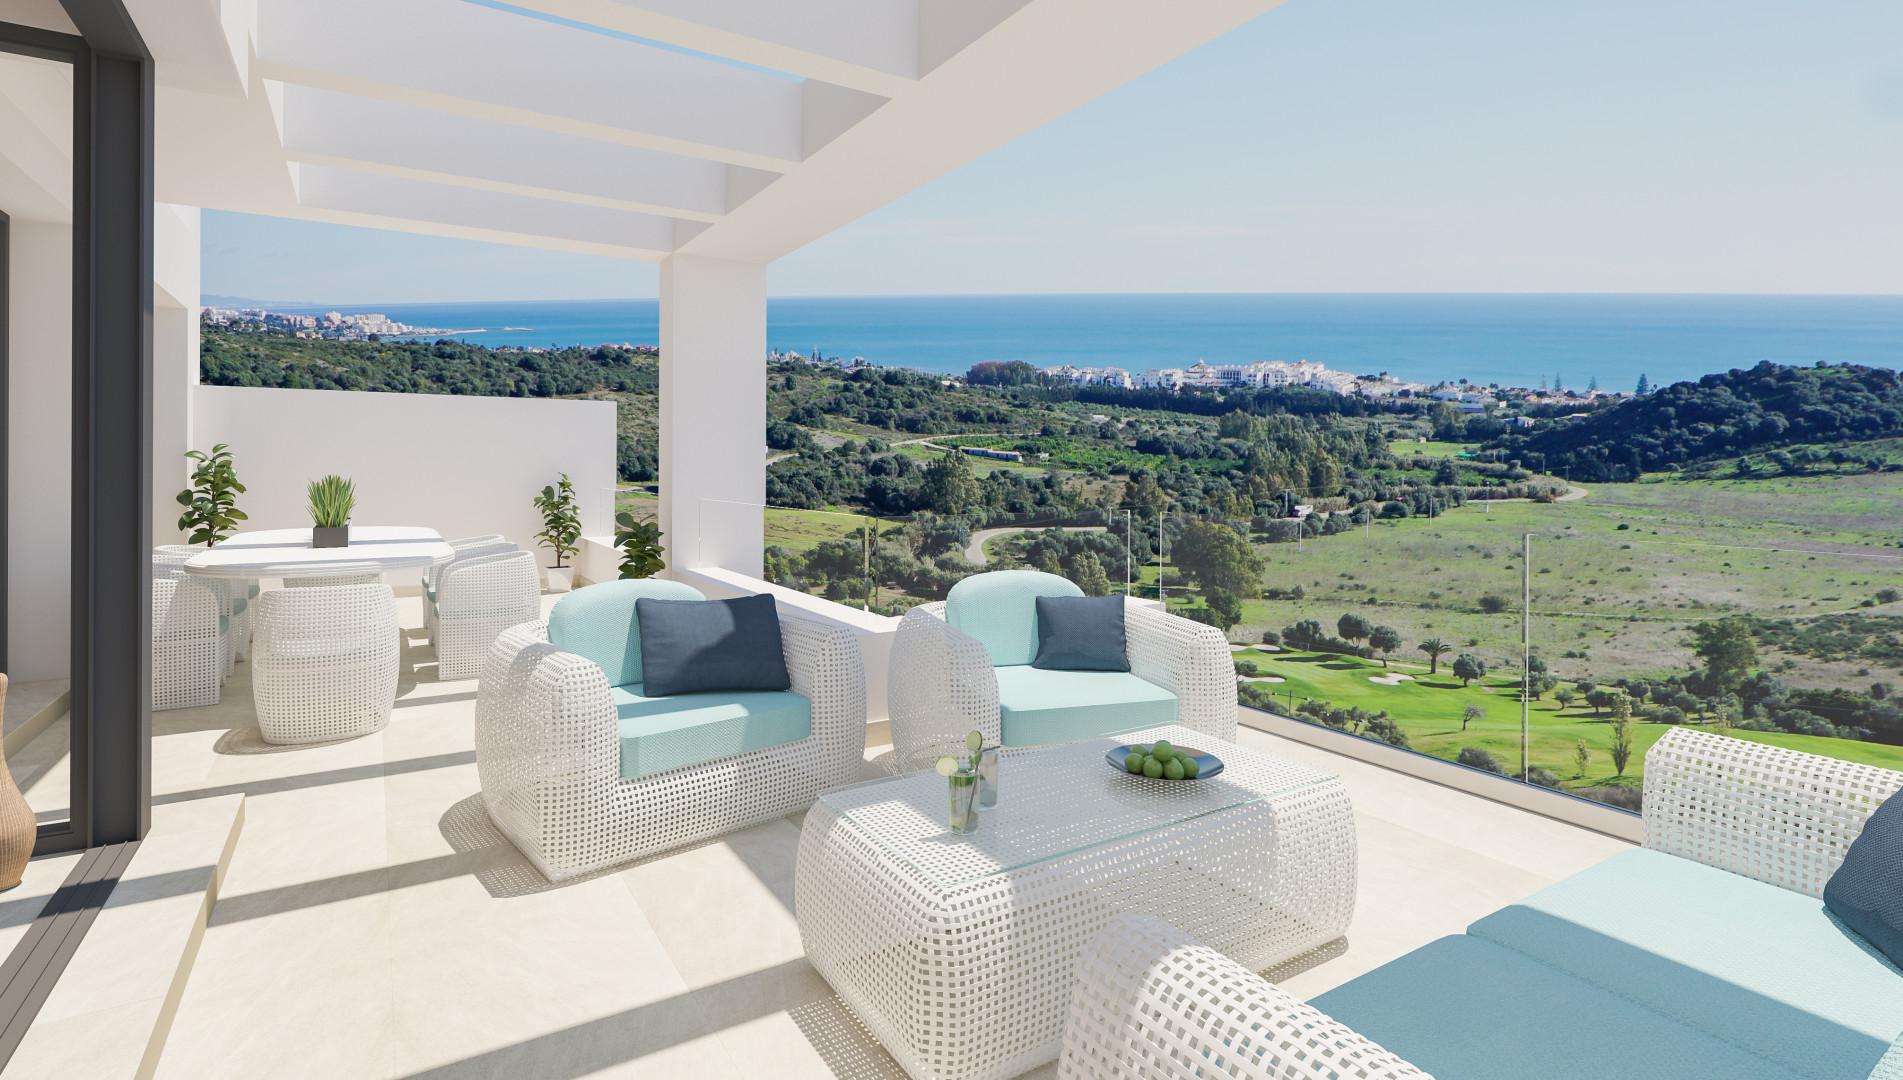 Moderne luxe zeezicht appartementen Estepona costa del sol